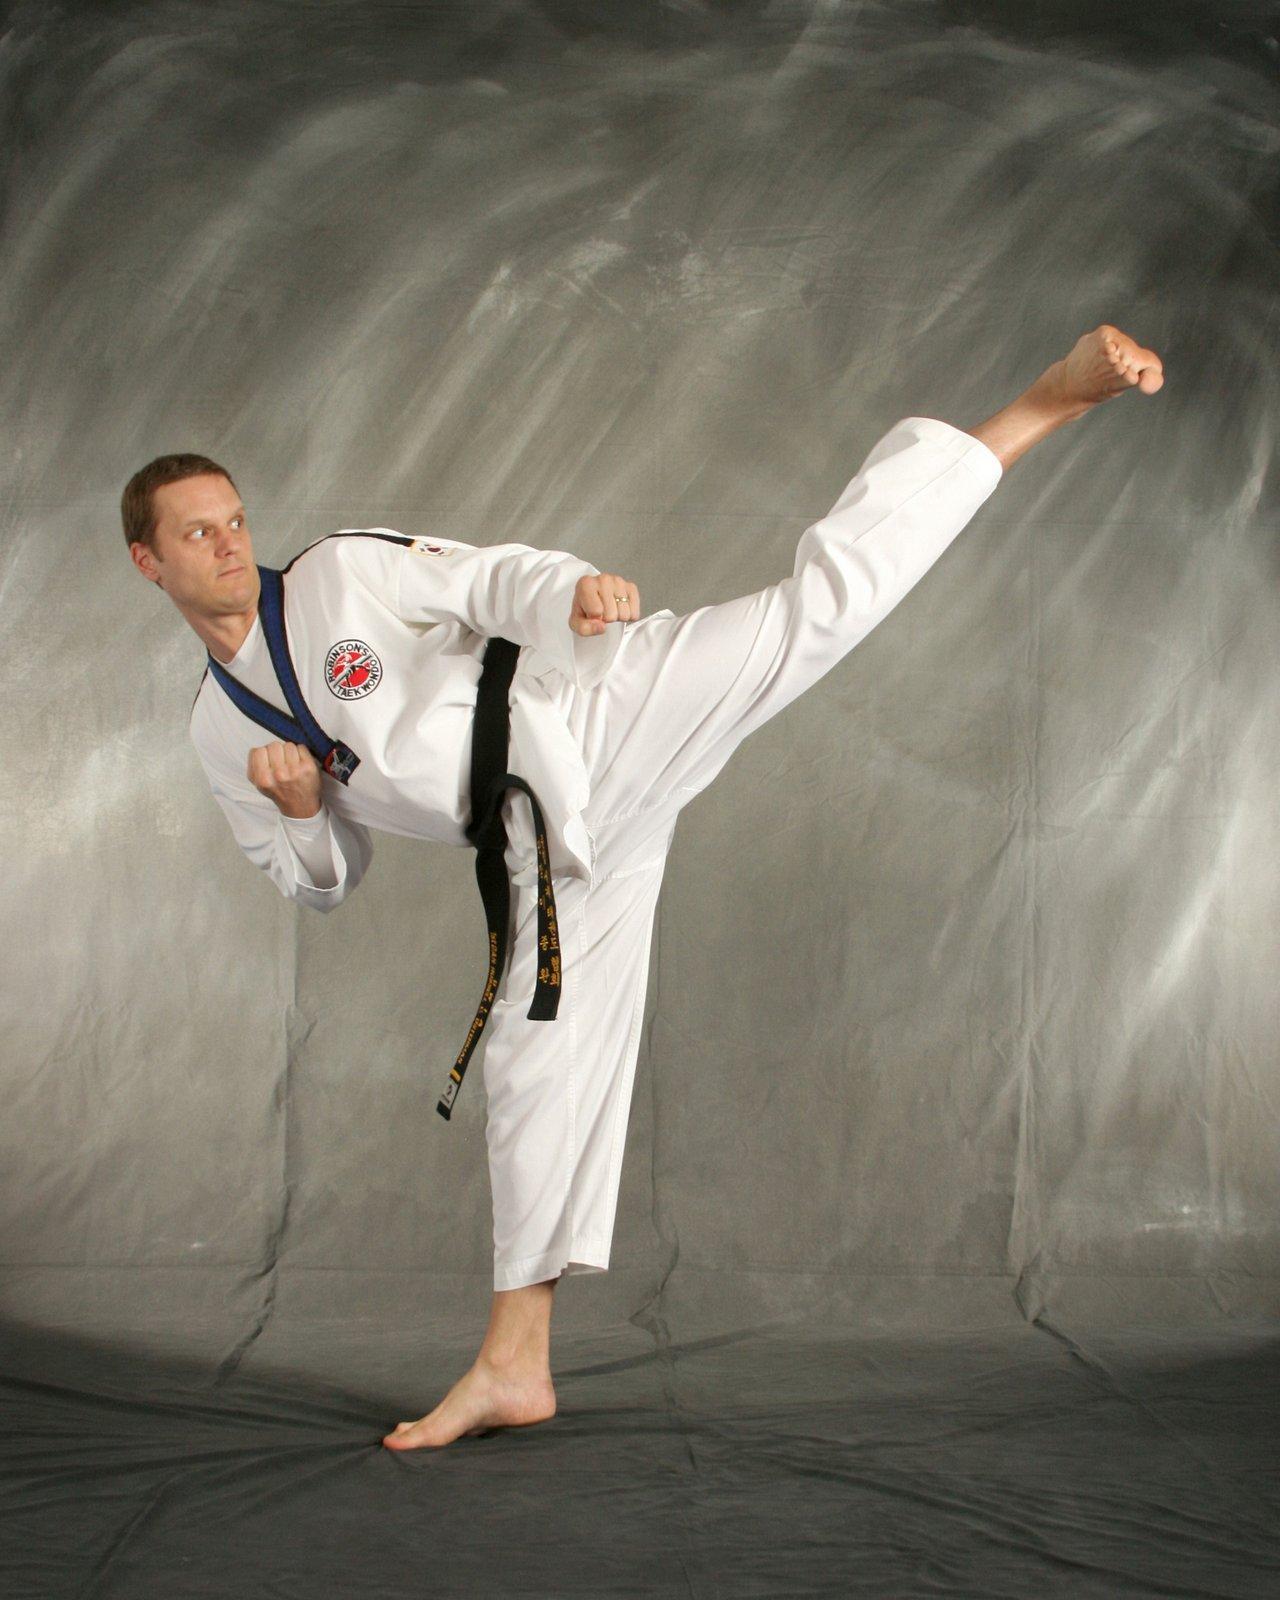 Taekwondo Master